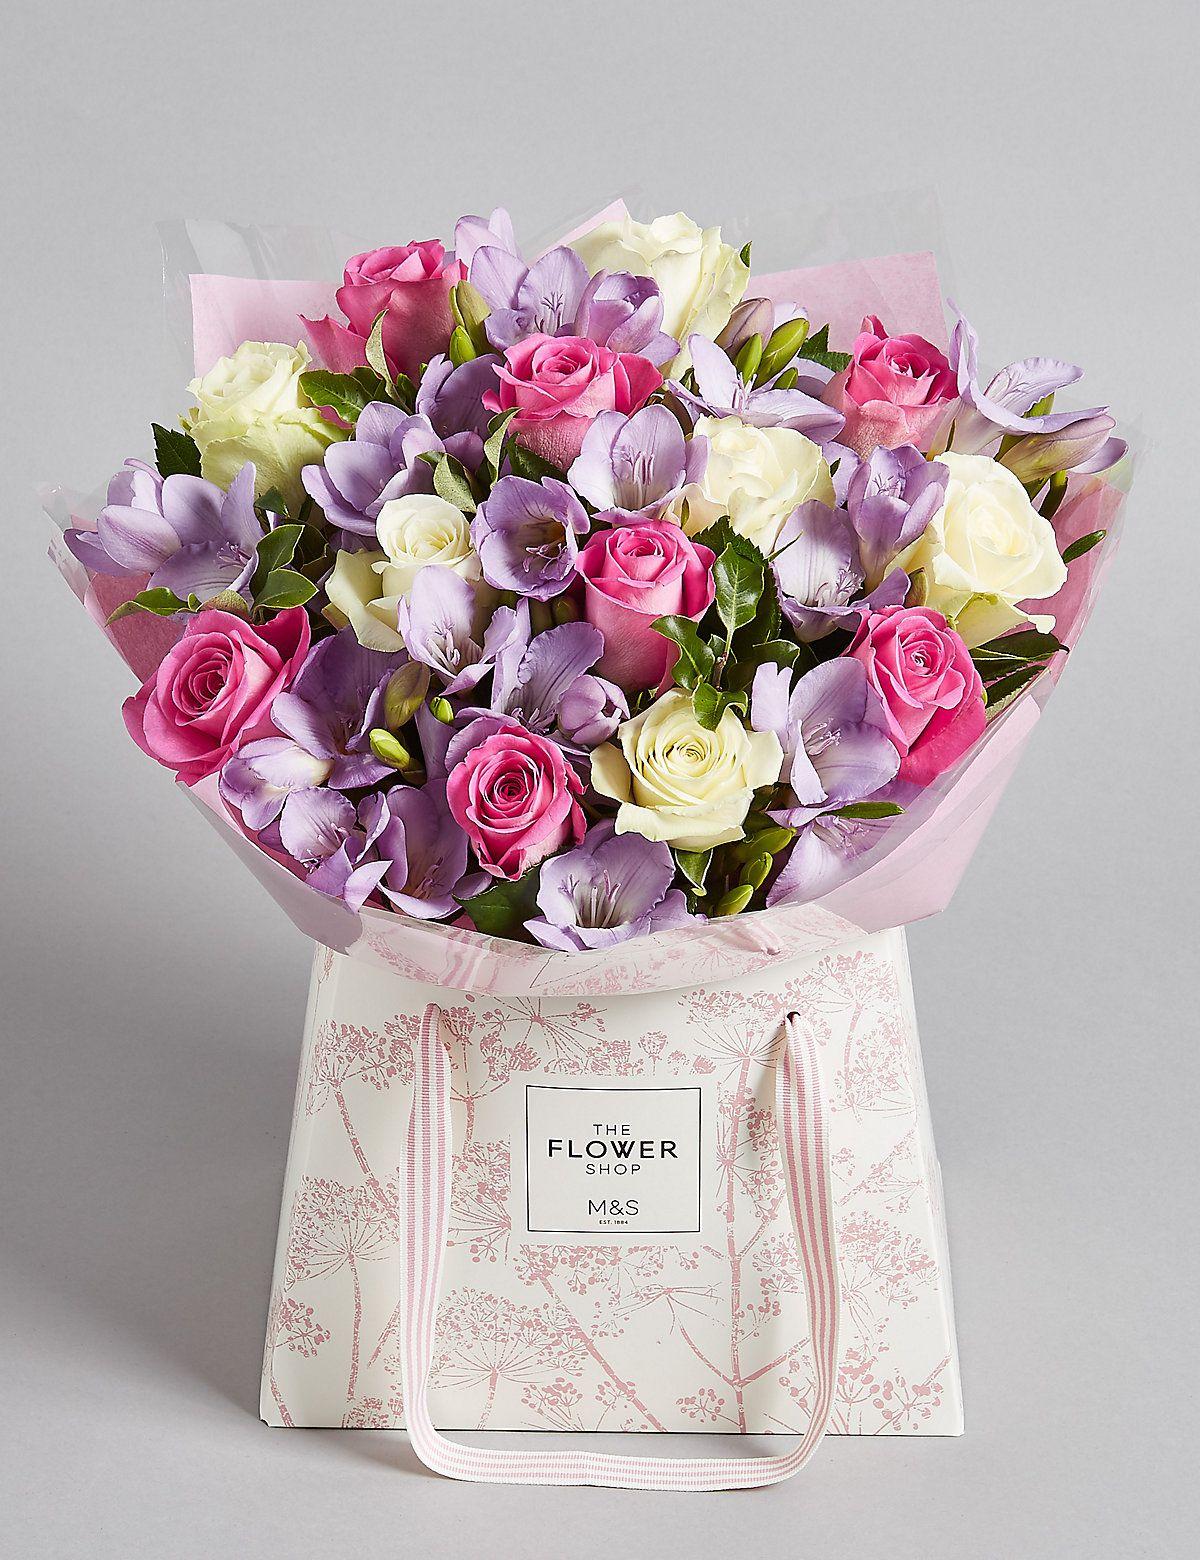 Rose & Freesia Gift Bag | M&S | Gifts, Gift bag, Freesia